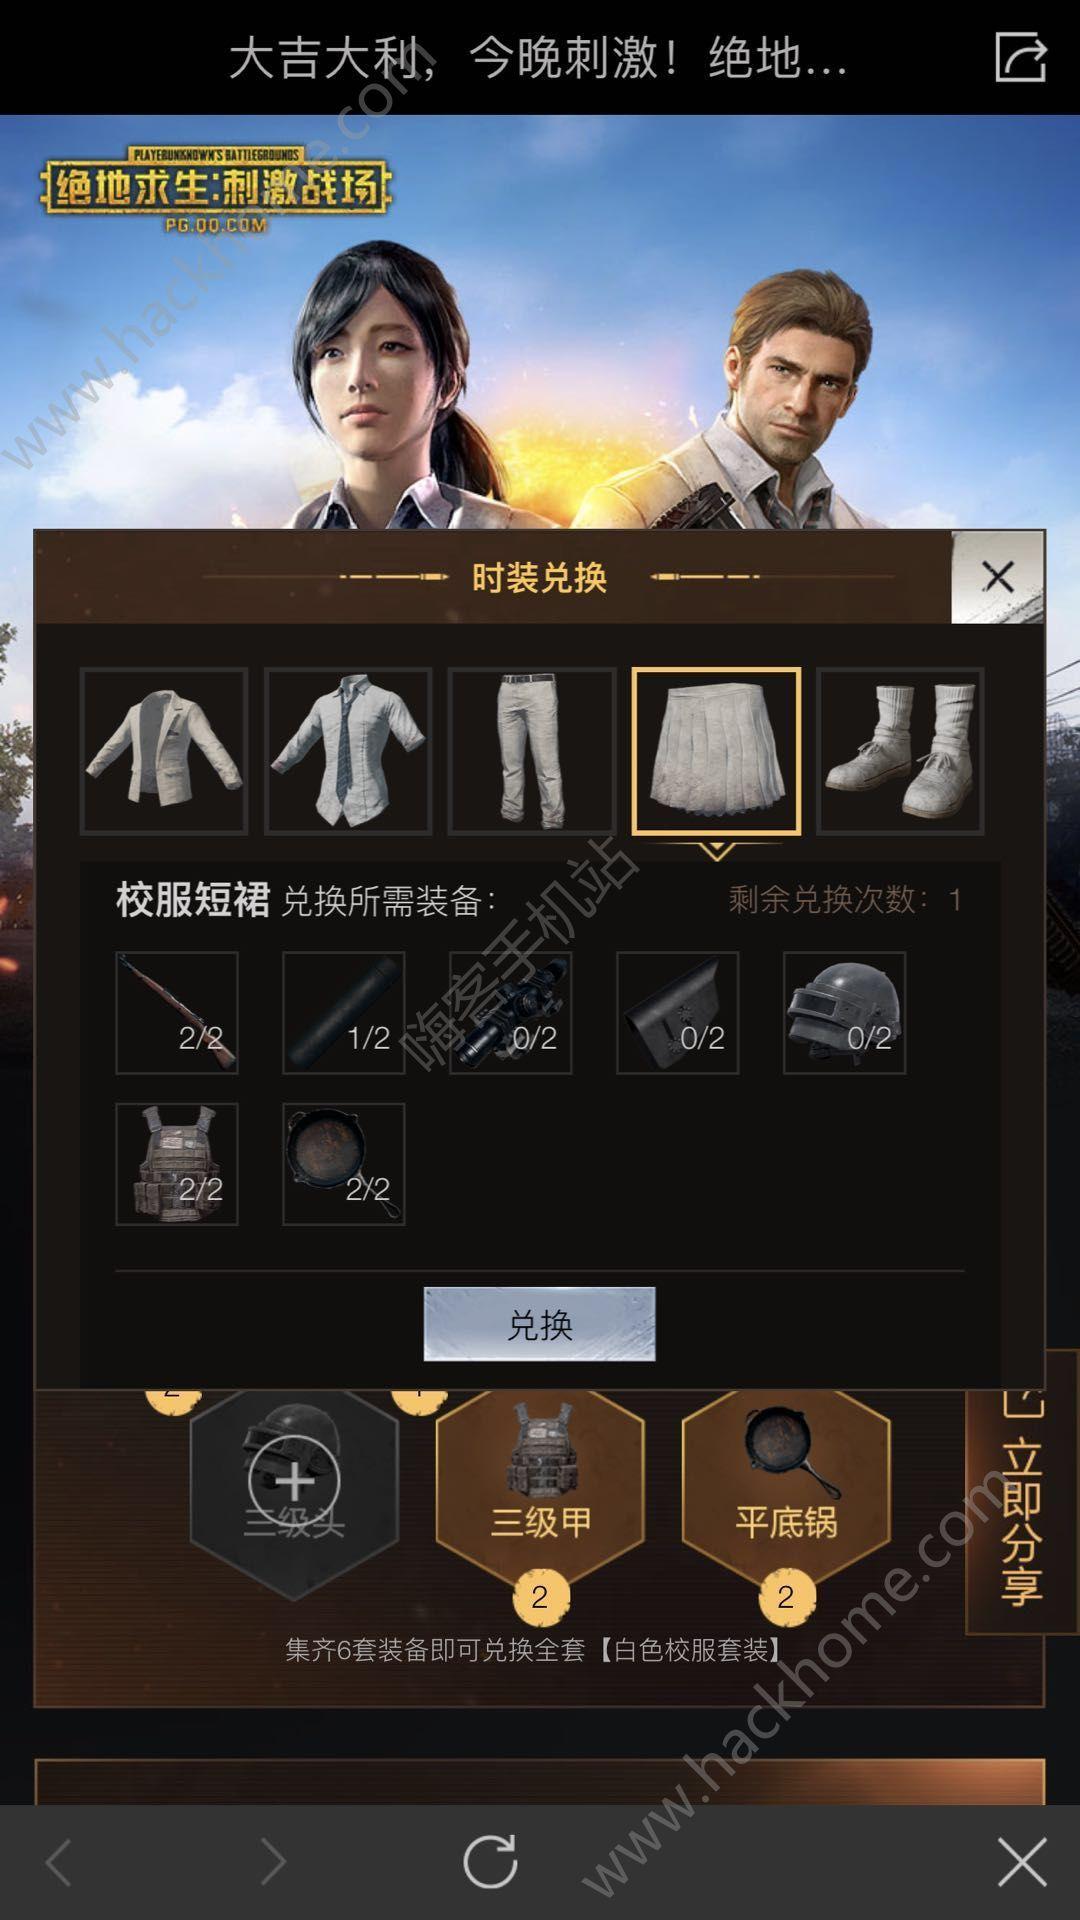 绝地求生刺激战场小白裙兑换活动延长公告[多图]图片2_嗨客手机站